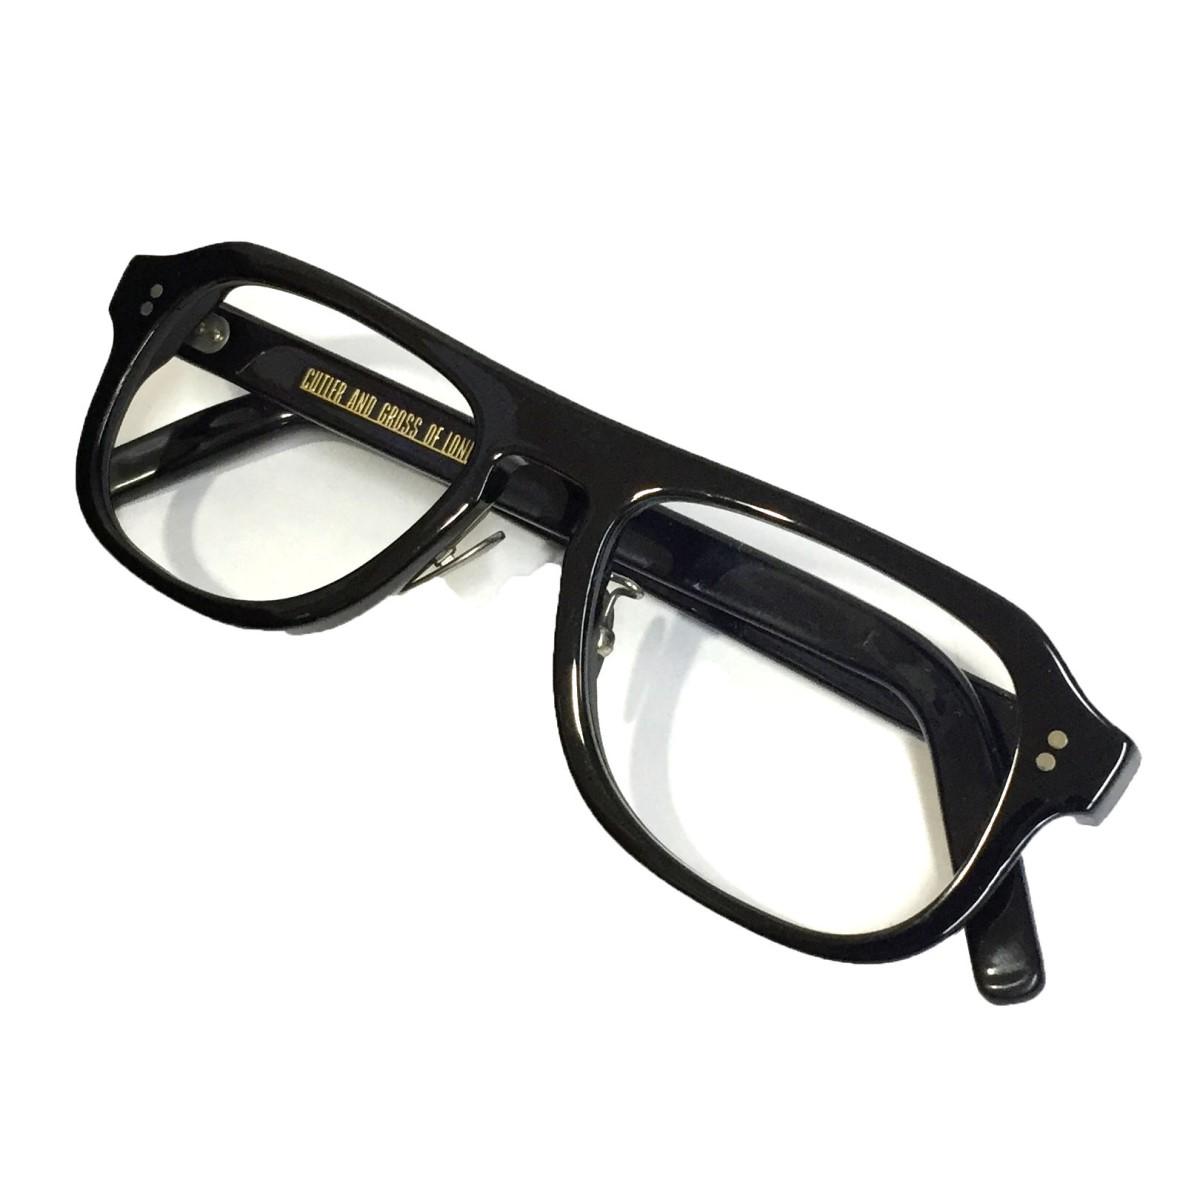 カトラーアンドグロス 中古 CUTLER 買収 男女兼用 AND GROSSM:0822 眼鏡 ブラック 145 7月1日見直し サイズ:5018